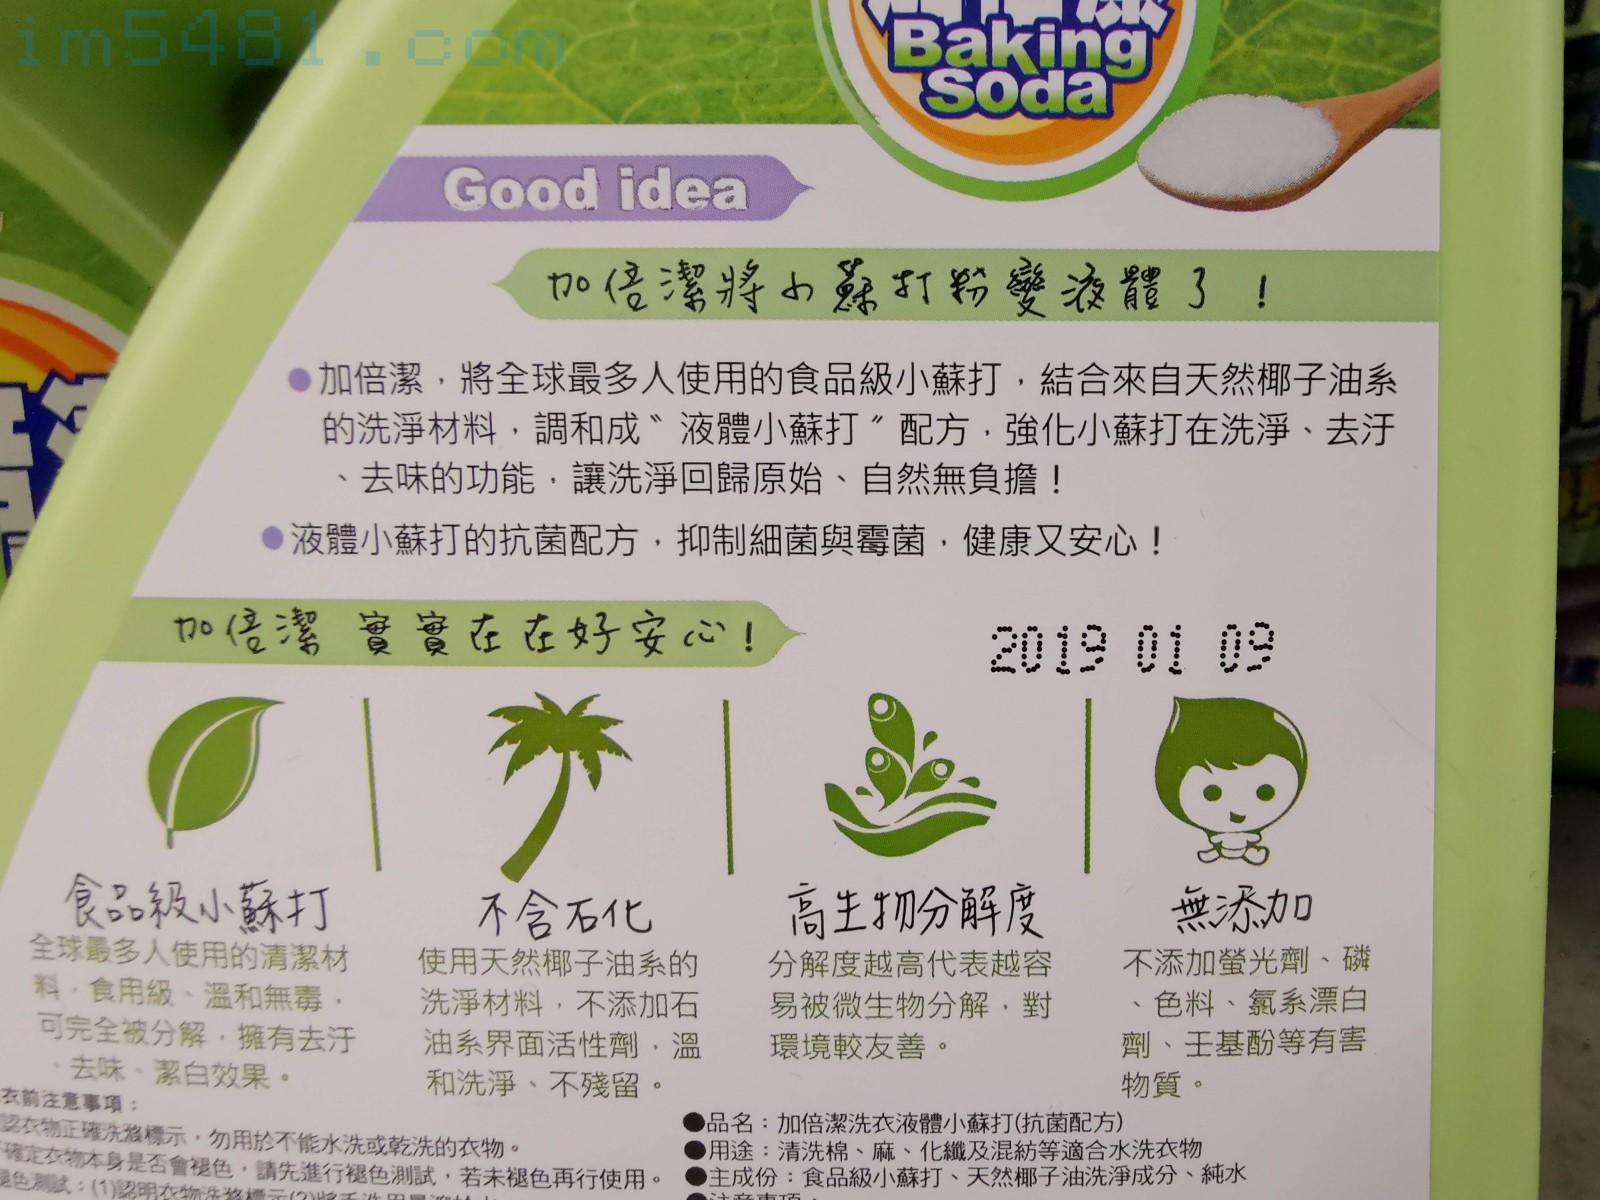 加倍潔洗衣液體小蘇打抗菌配方 瓶裝的說明,其應該是利用主要成分天然椰子油系的洗淨成分,跟已經溶成液體的小蘇打。